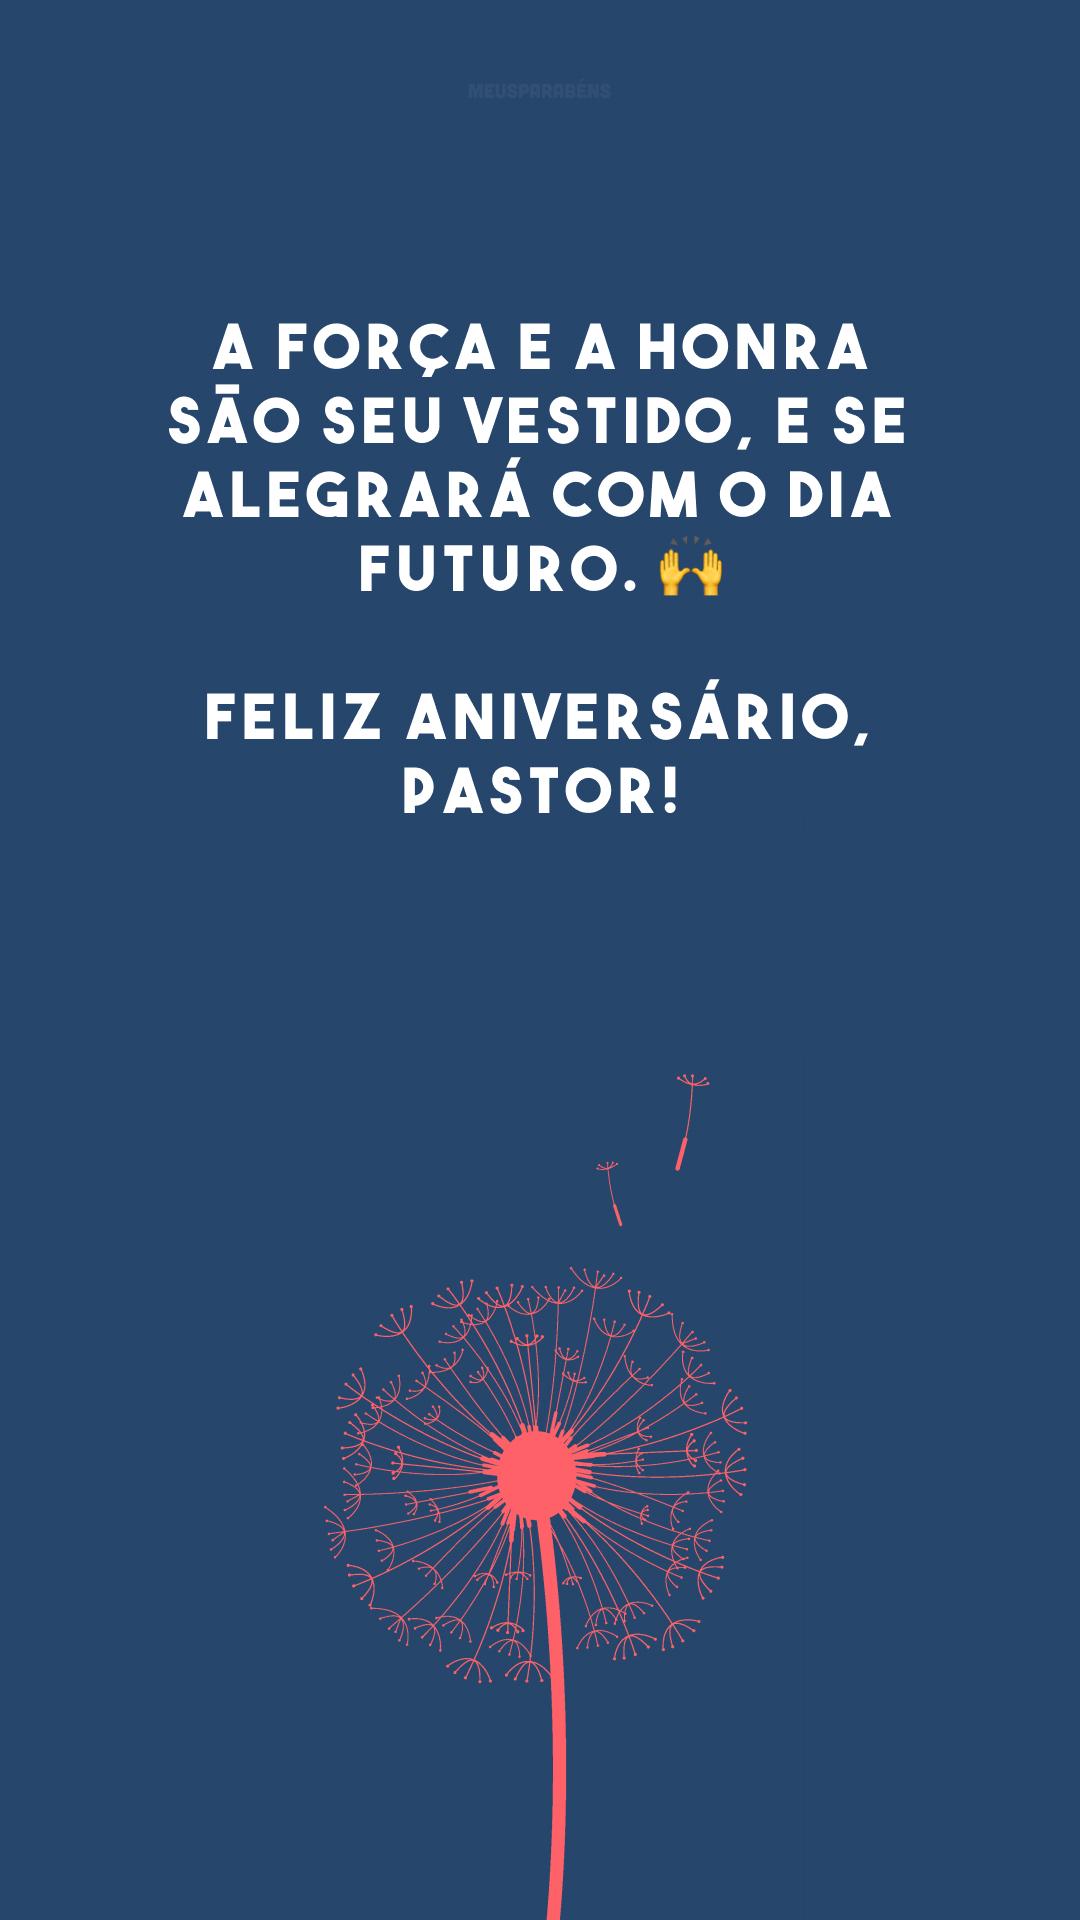 A força e a honra são seu vestido, e se alegrará com o dia futuro. 🙌 Feliz aniversário, pastor!